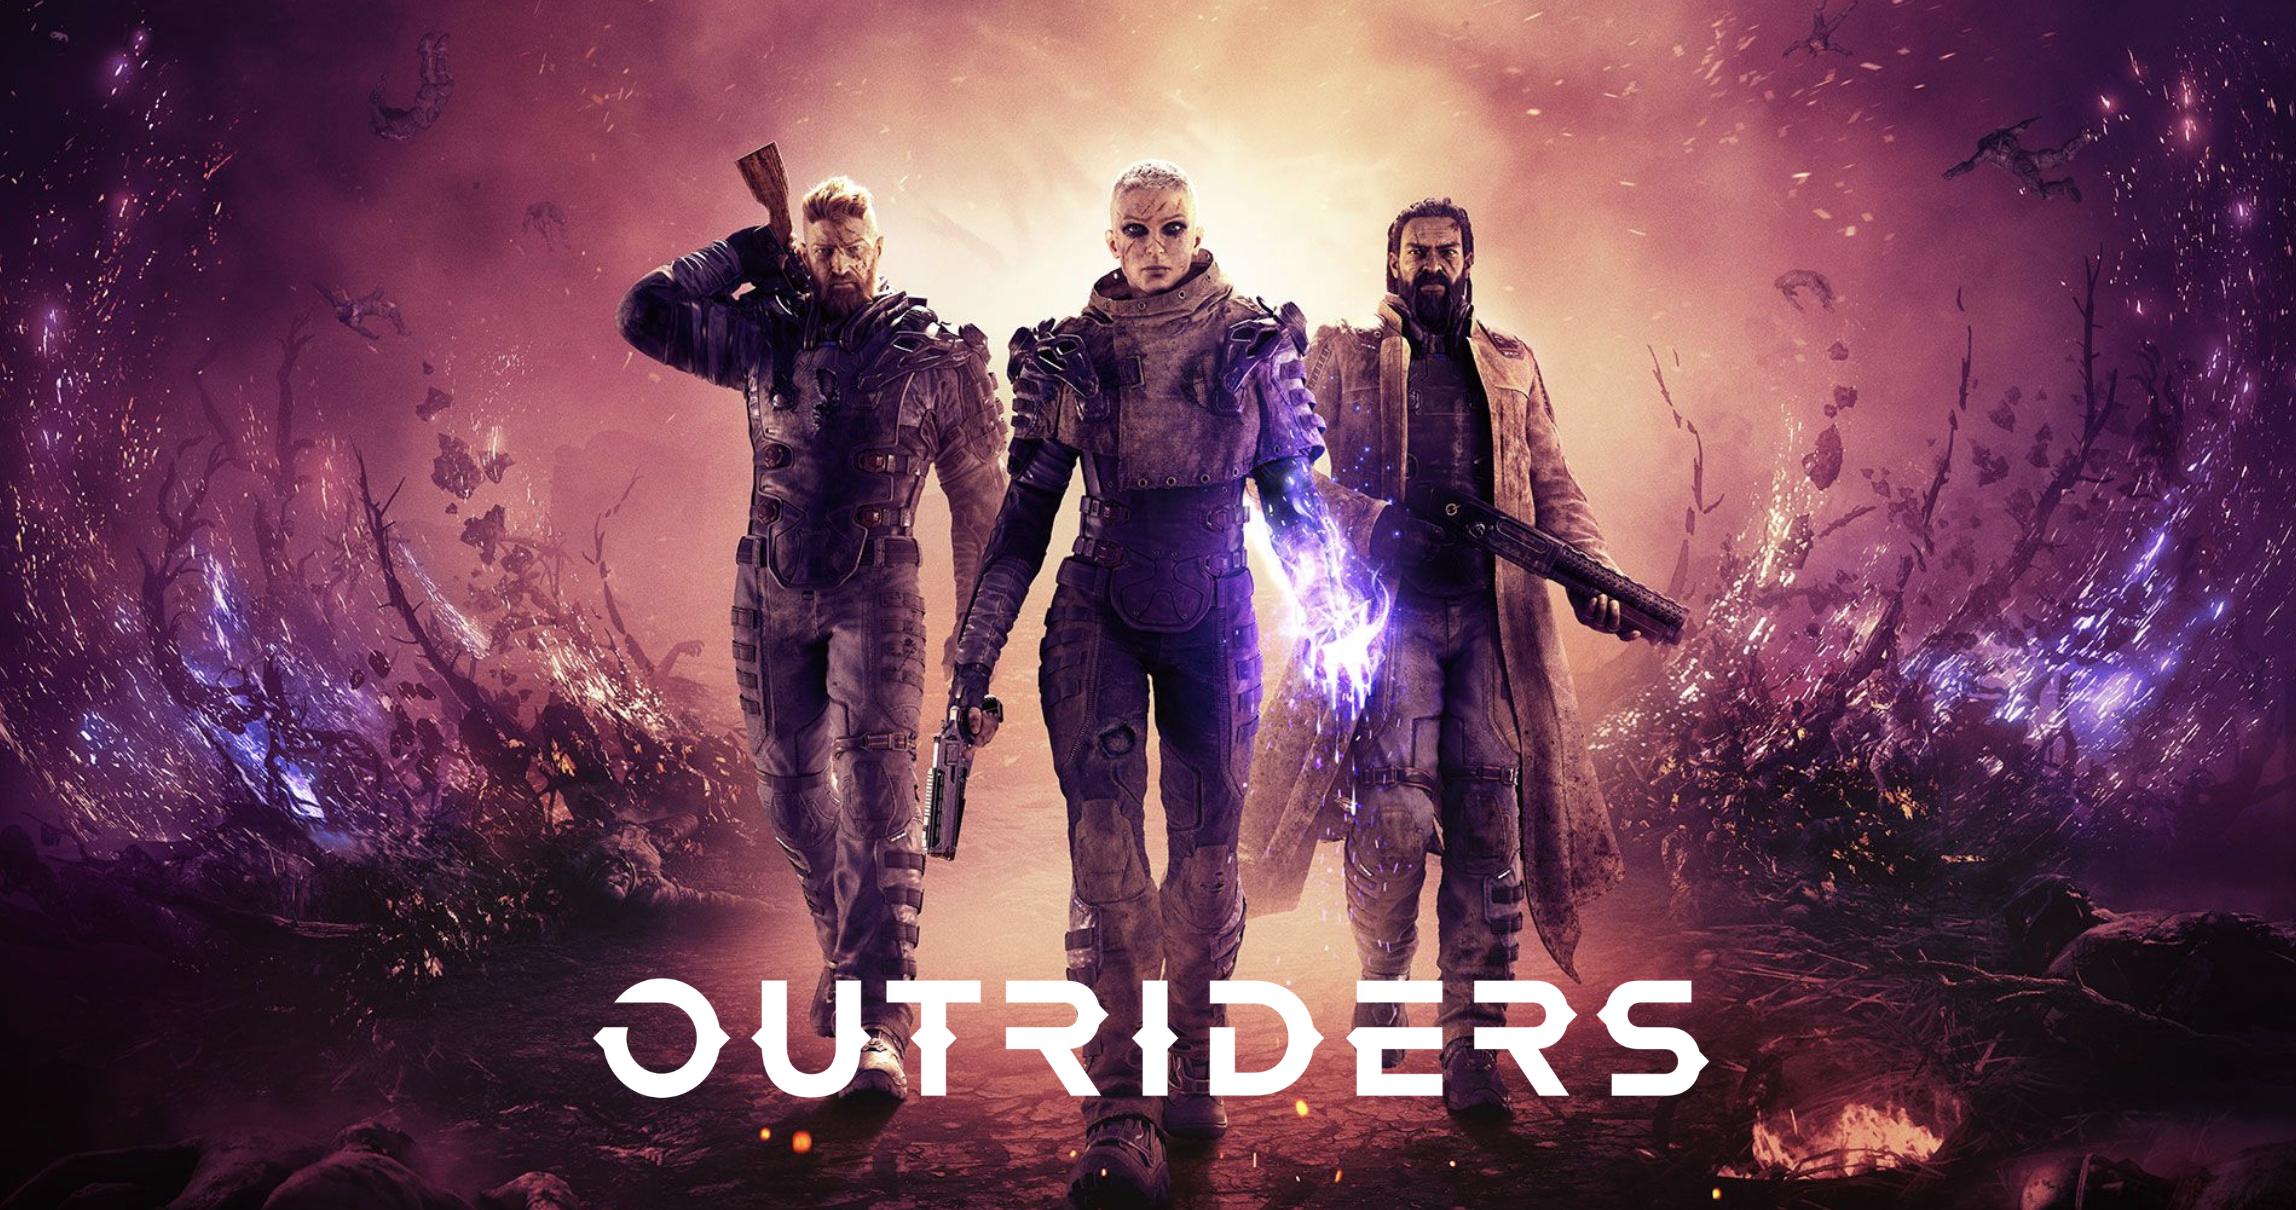 PS5対応ゲームソフト『Outriders』の発売日はいつ?最新情報まとめ